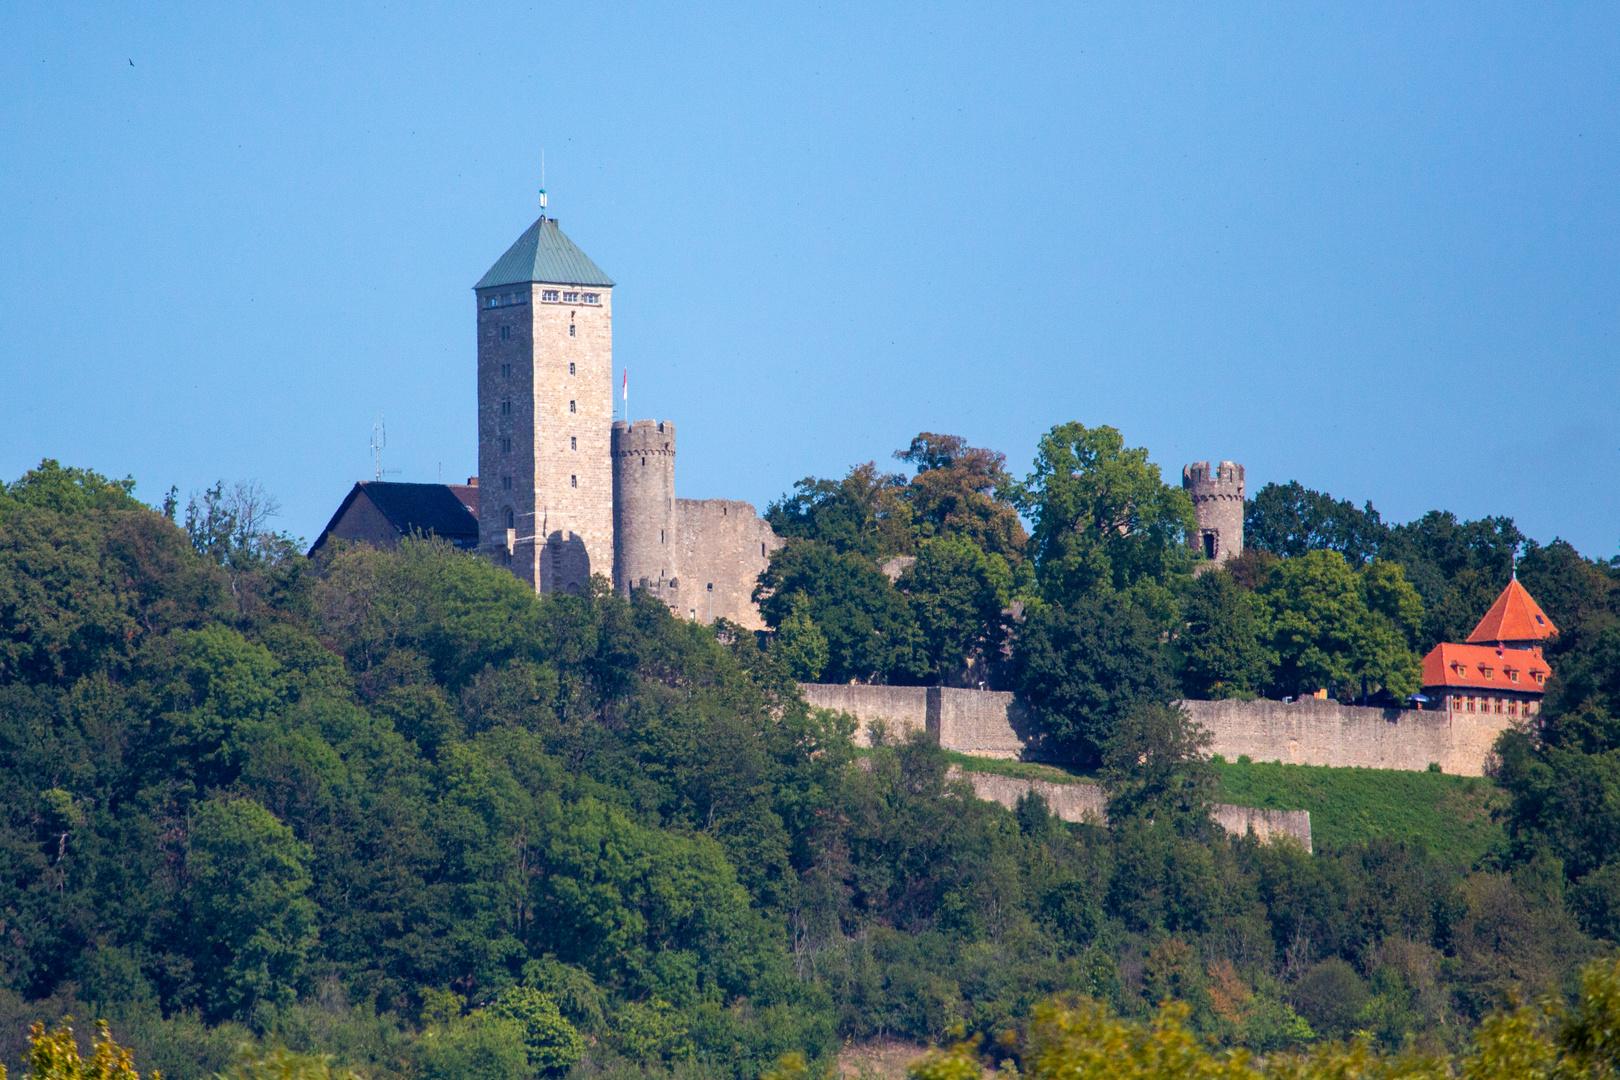 Starkenburg bei Heppenheim